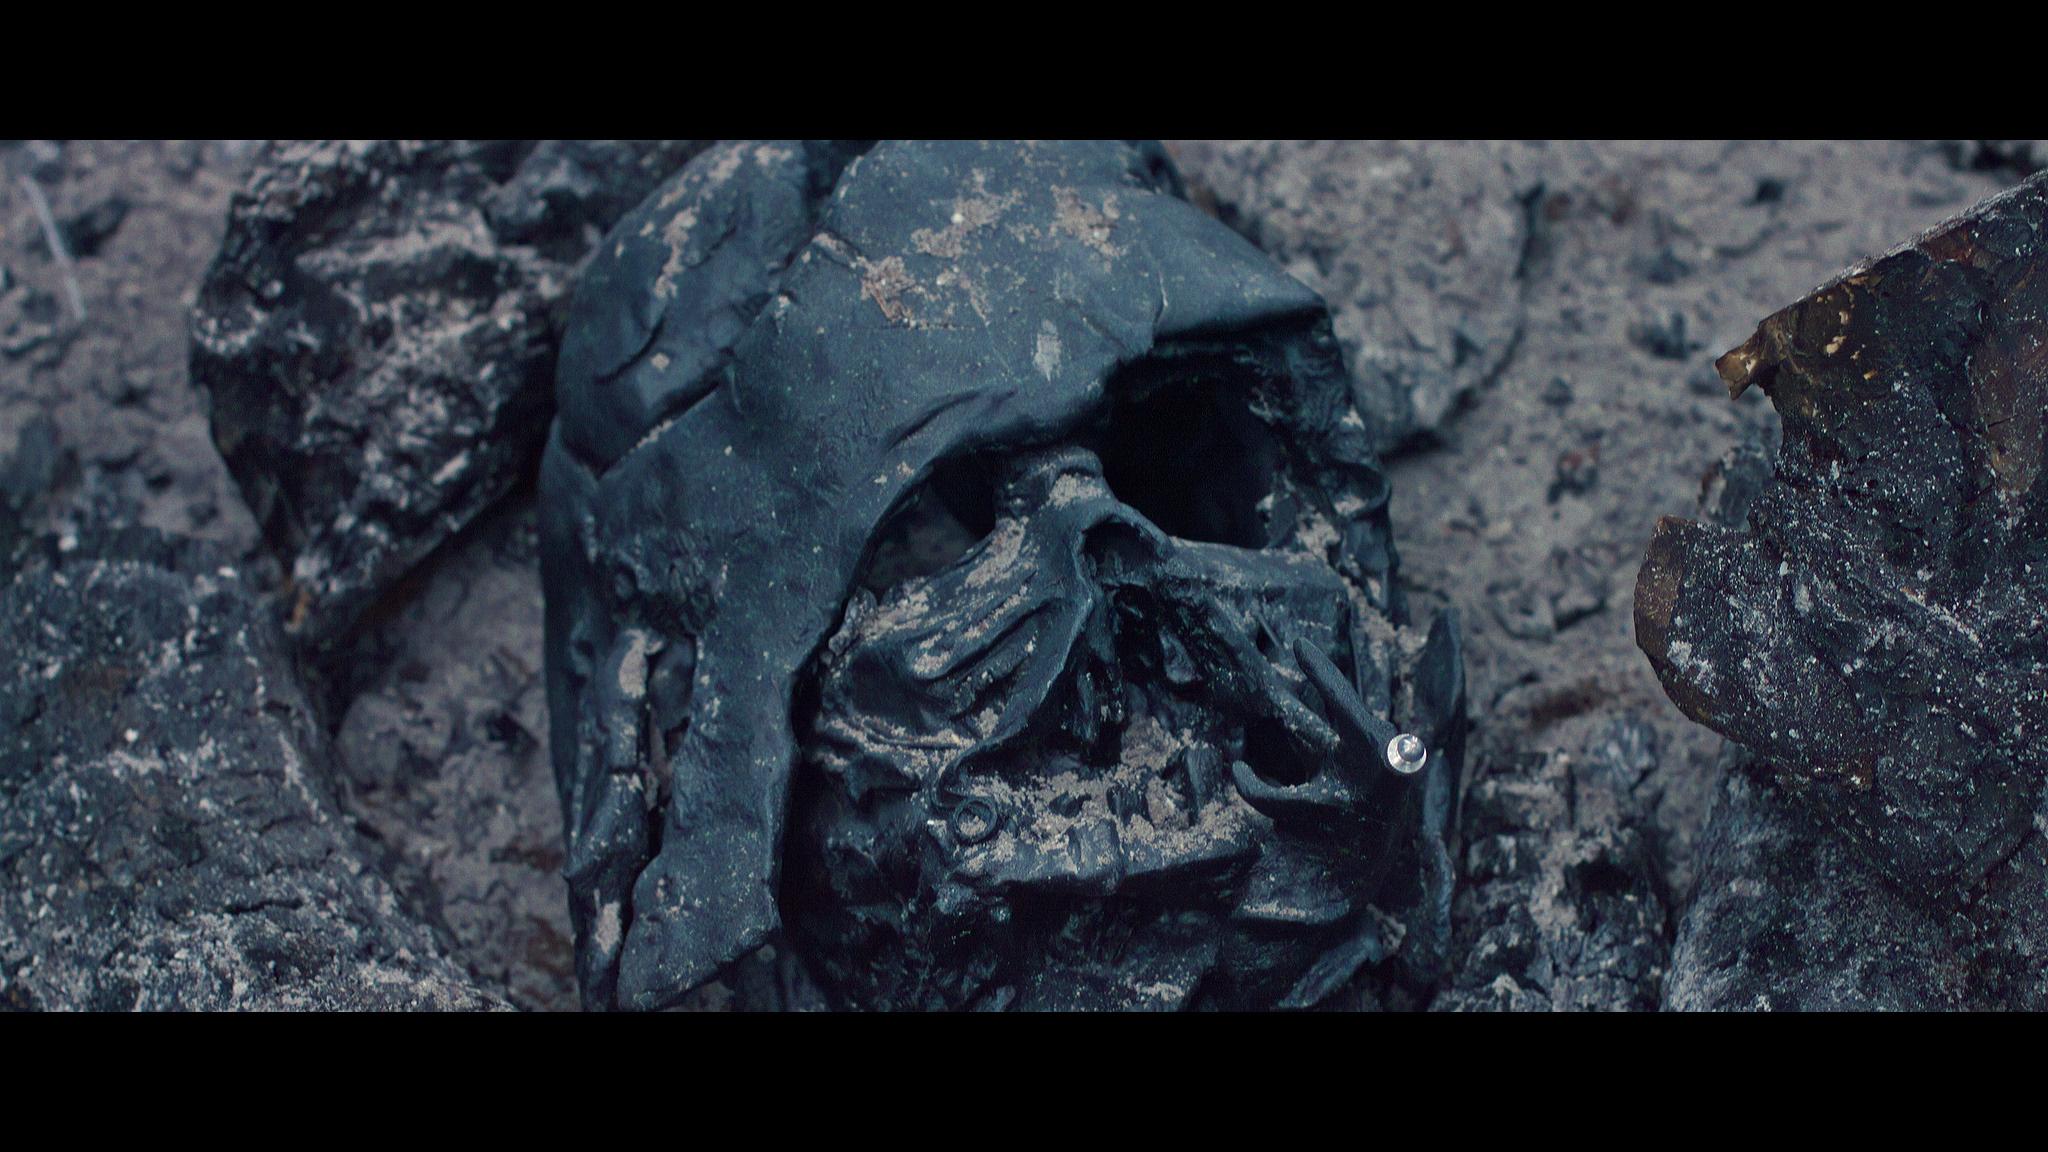 Vader_helmet - 01 - 033018.png